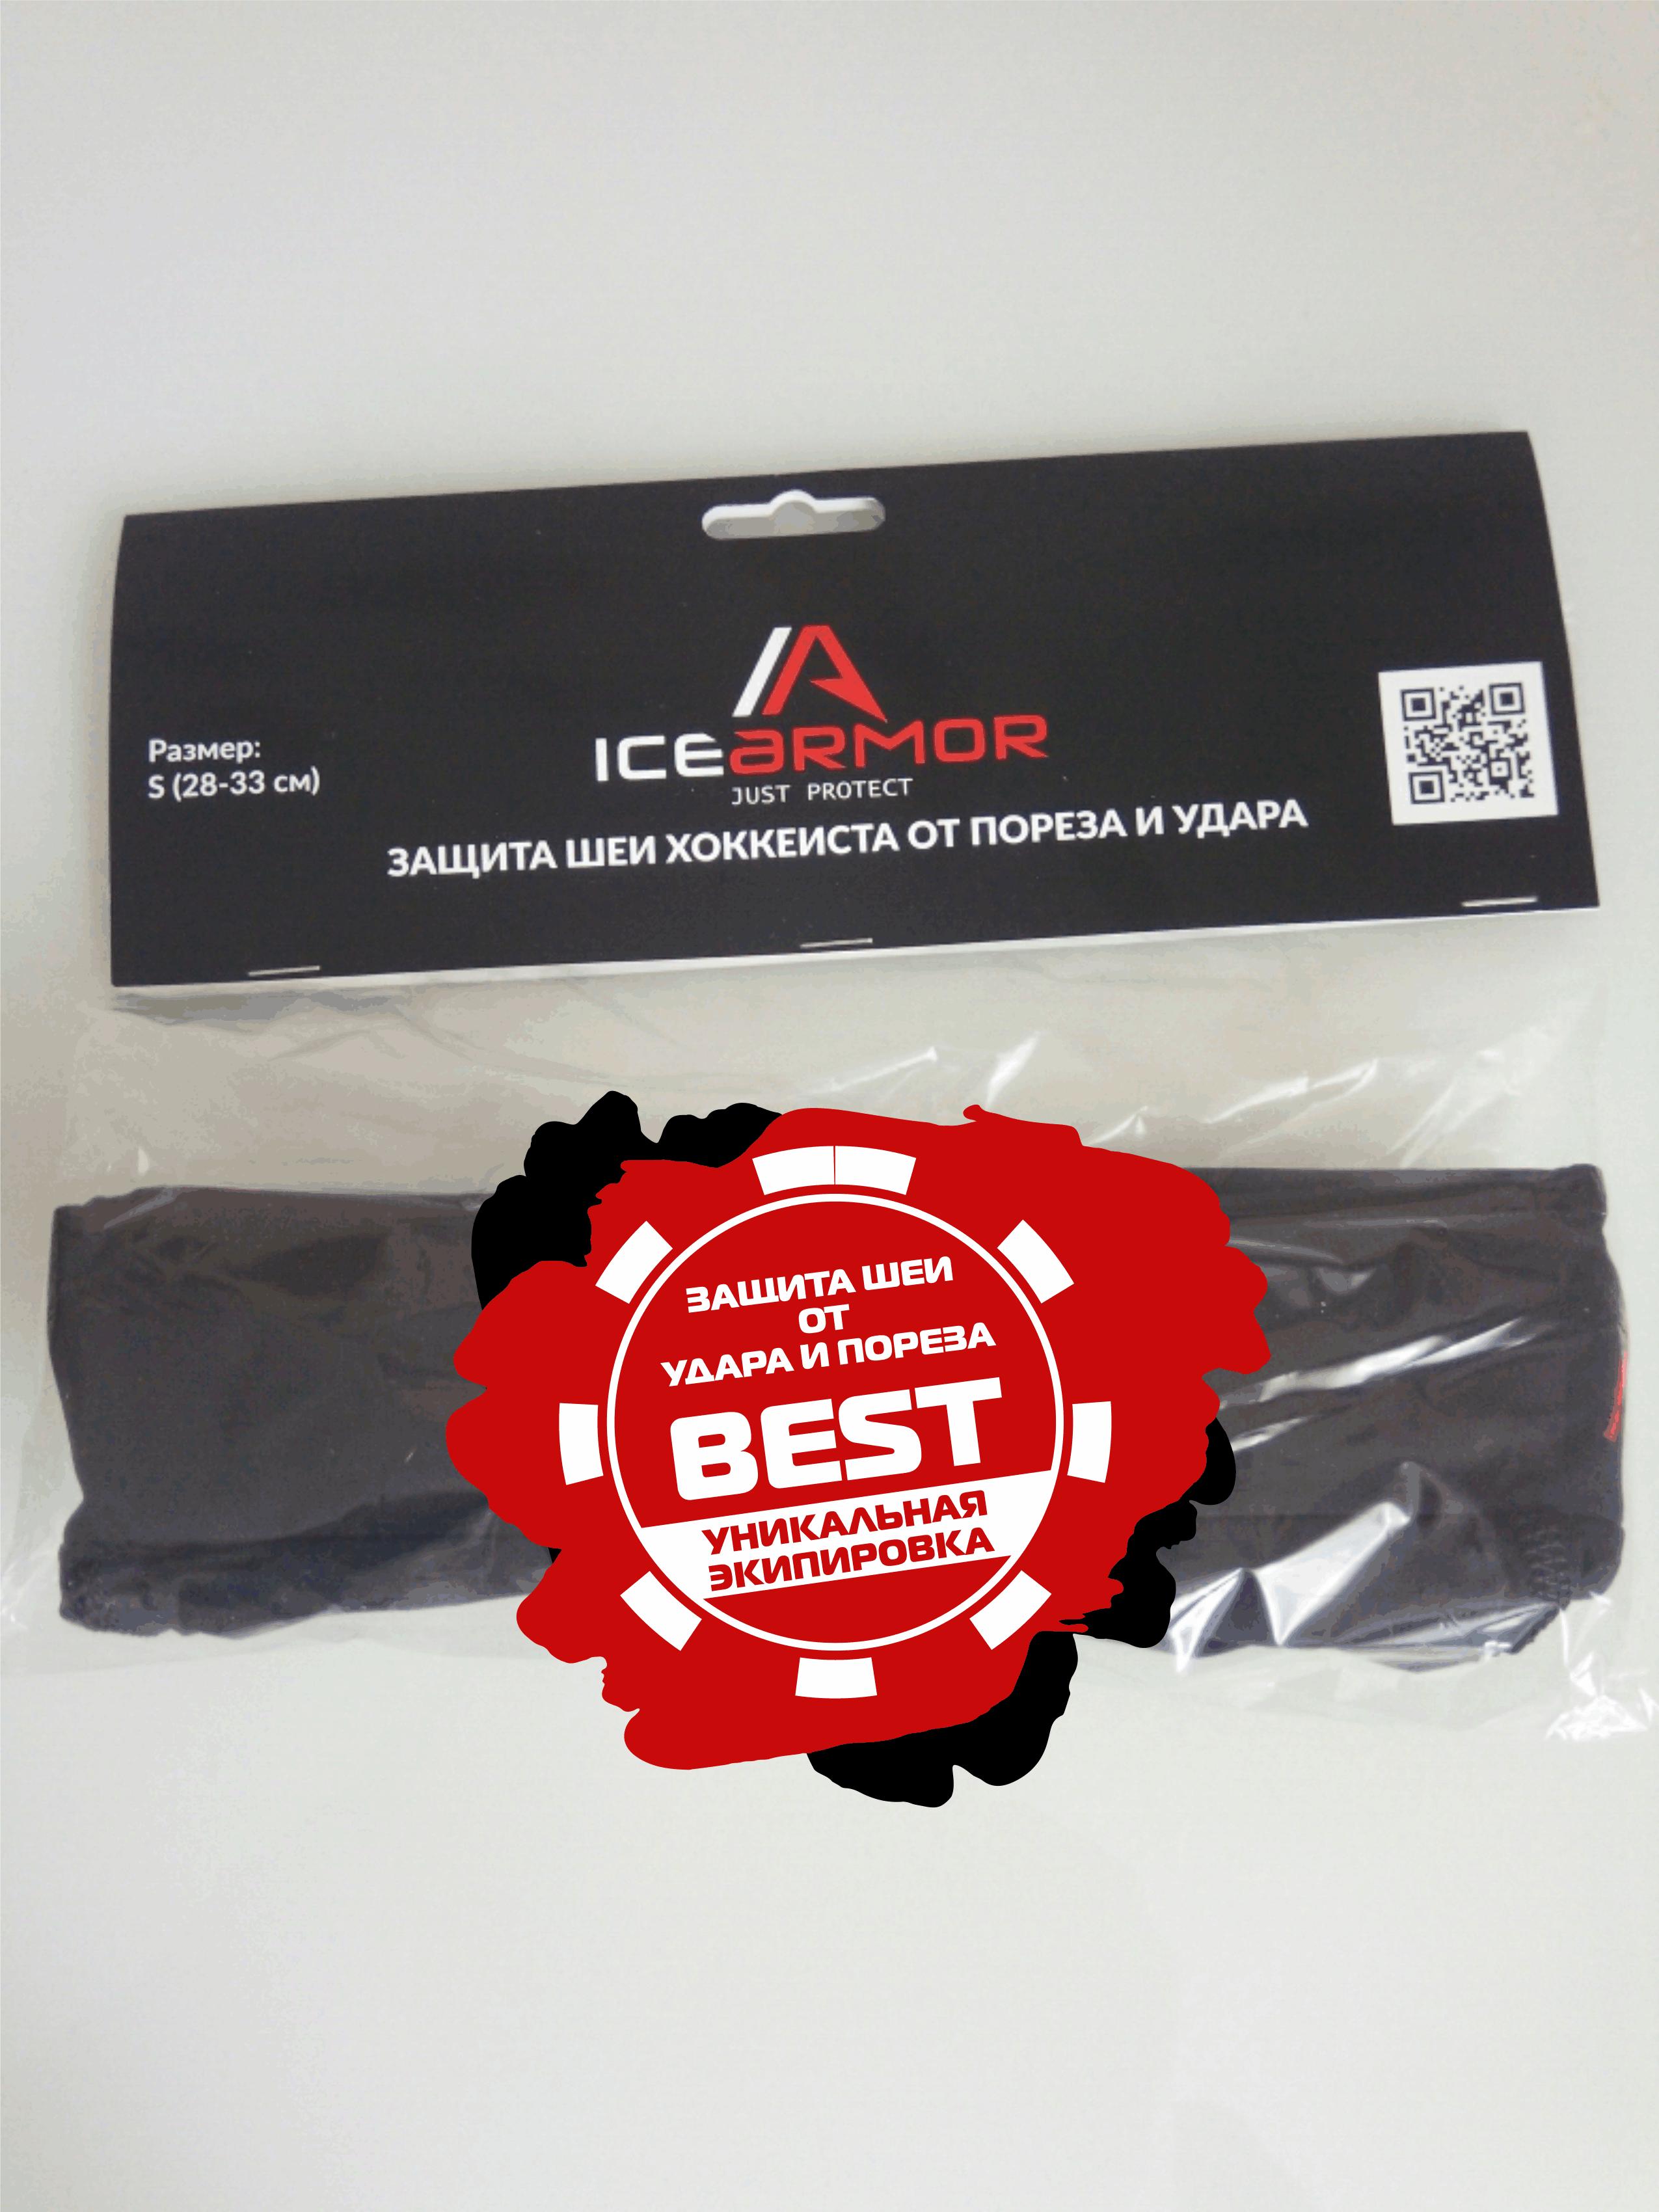 Дизайн продающей наклейки на упаковку уникального продукта фото f_5485b2569557e7cd.png